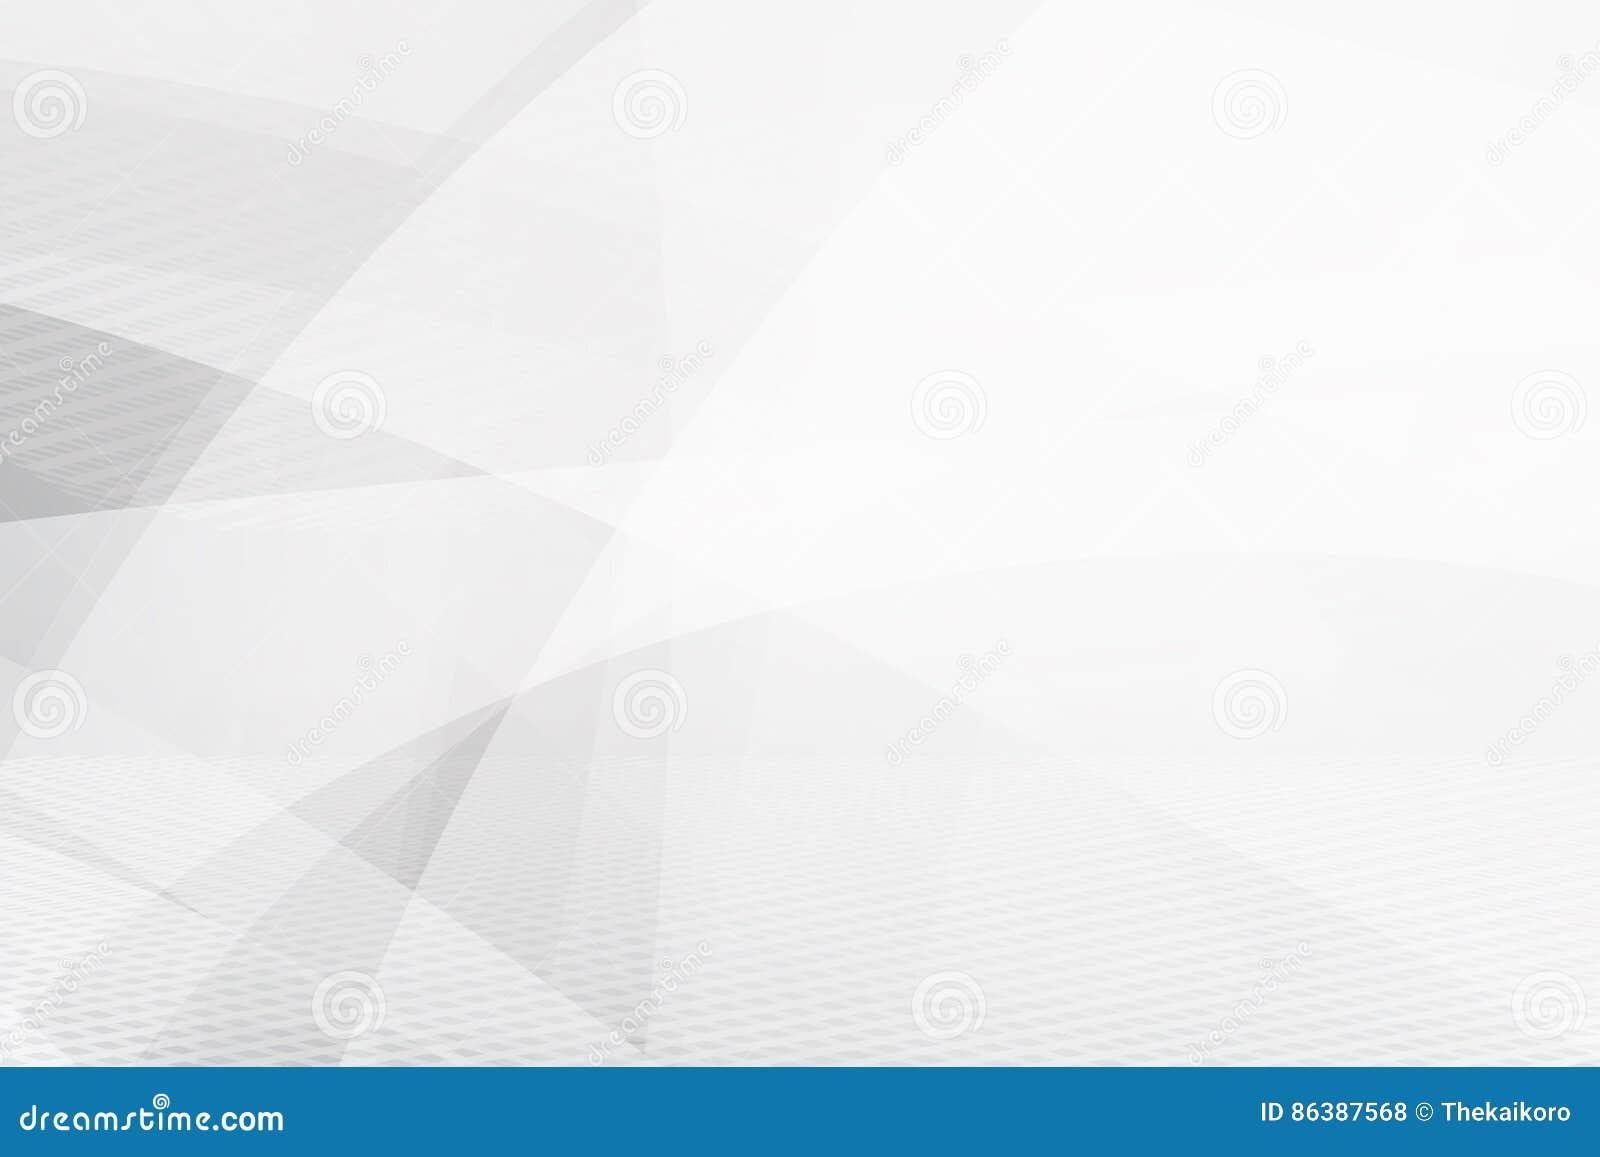 Η γκρίζα αφηρημένη γεωμετρία υποβάθρου λάμπουν και το διάνυσμα στοιχείων στρώματος